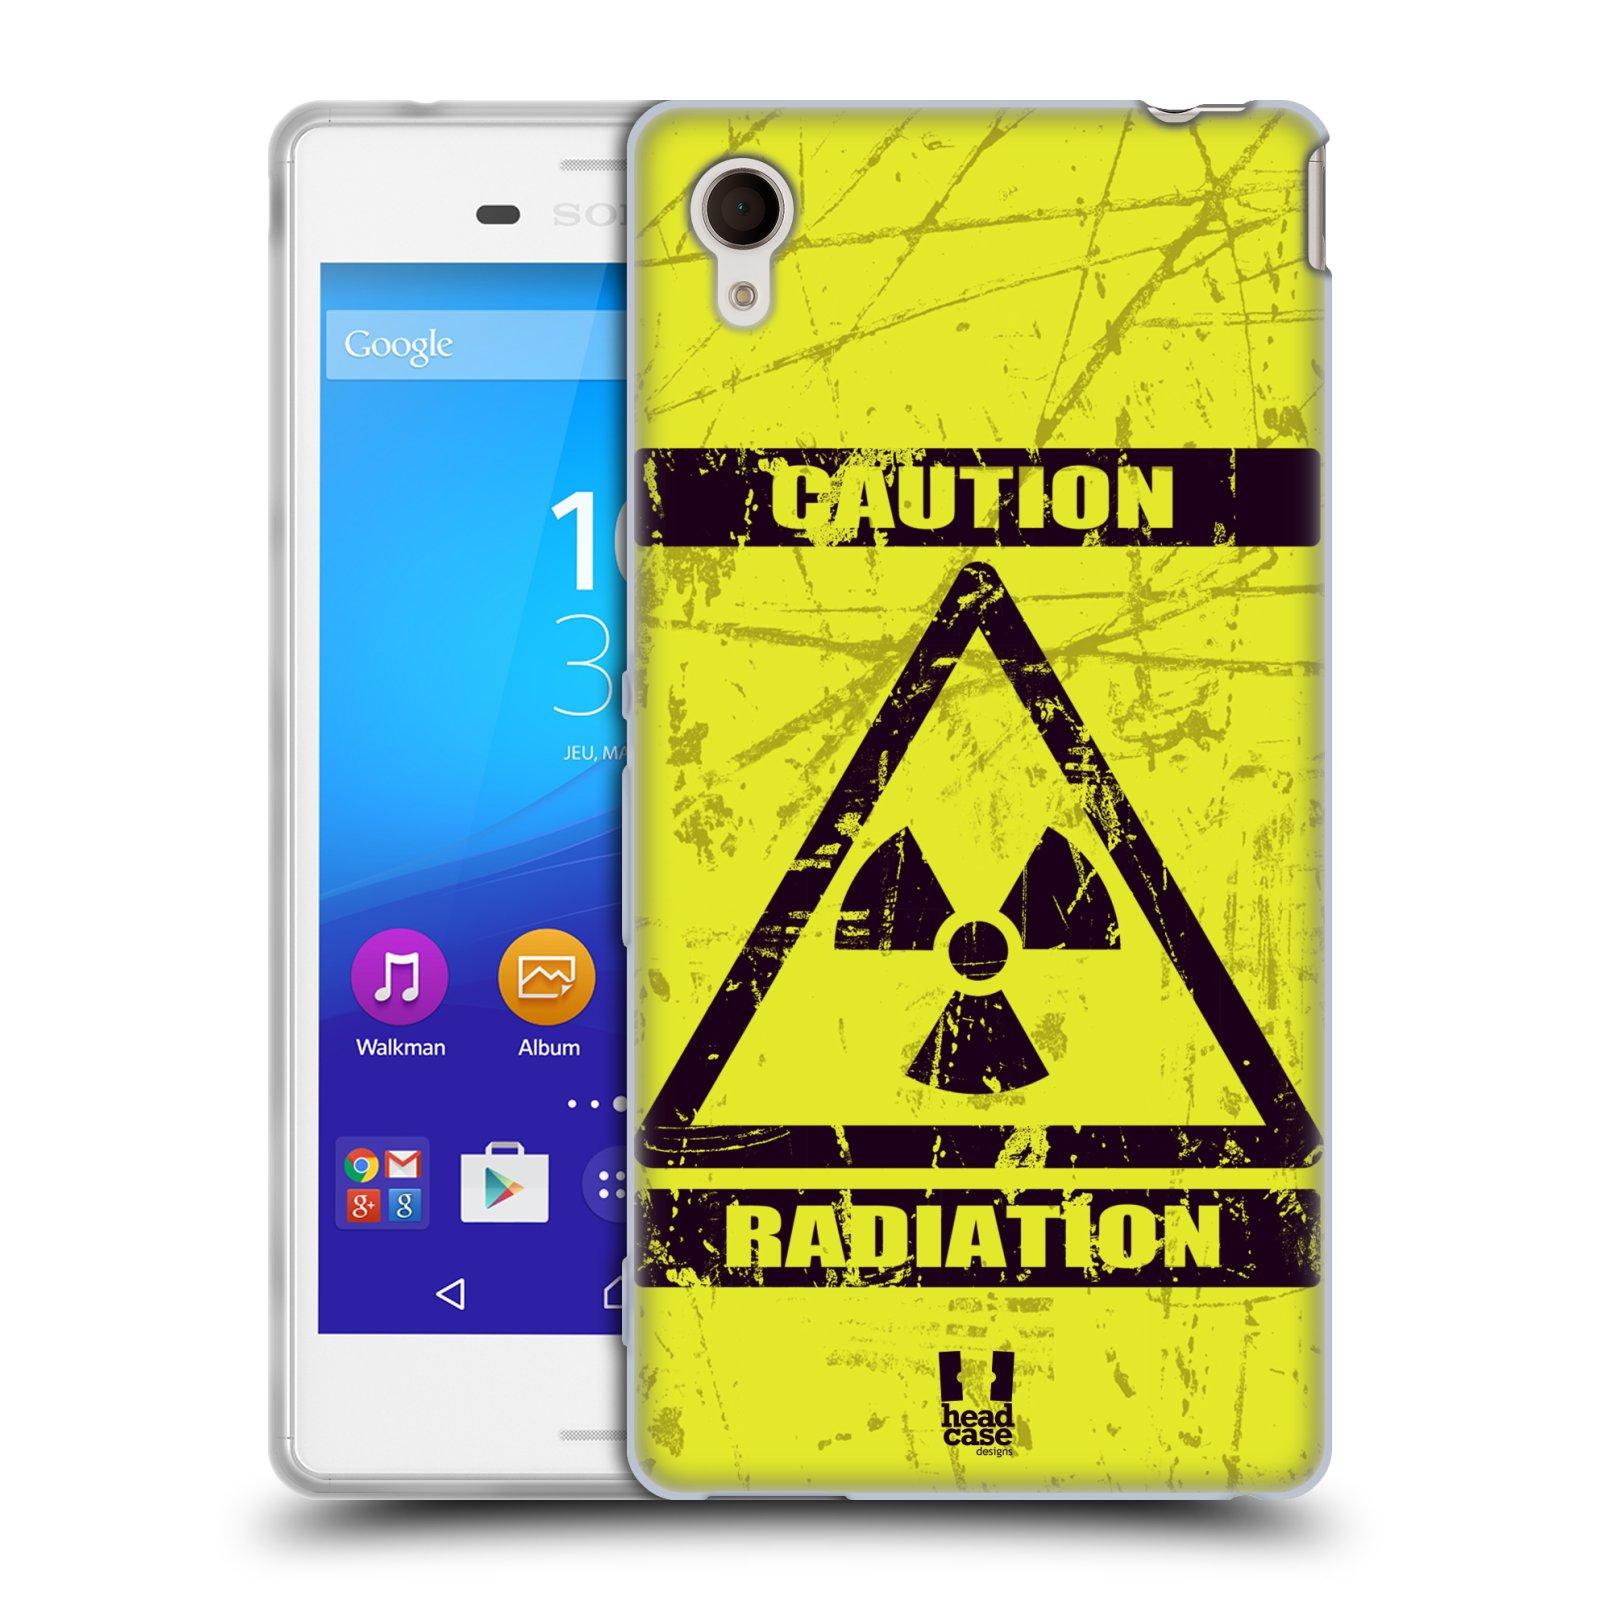 Silikonové pouzdro na mobil Sony Xperia M4 Aqua E2303 HEAD CASE RADIACE (Silikonový kryt či obal na mobilní telefon Sony Xperia M4 Aqua a M4 Aqua Dual SIM)